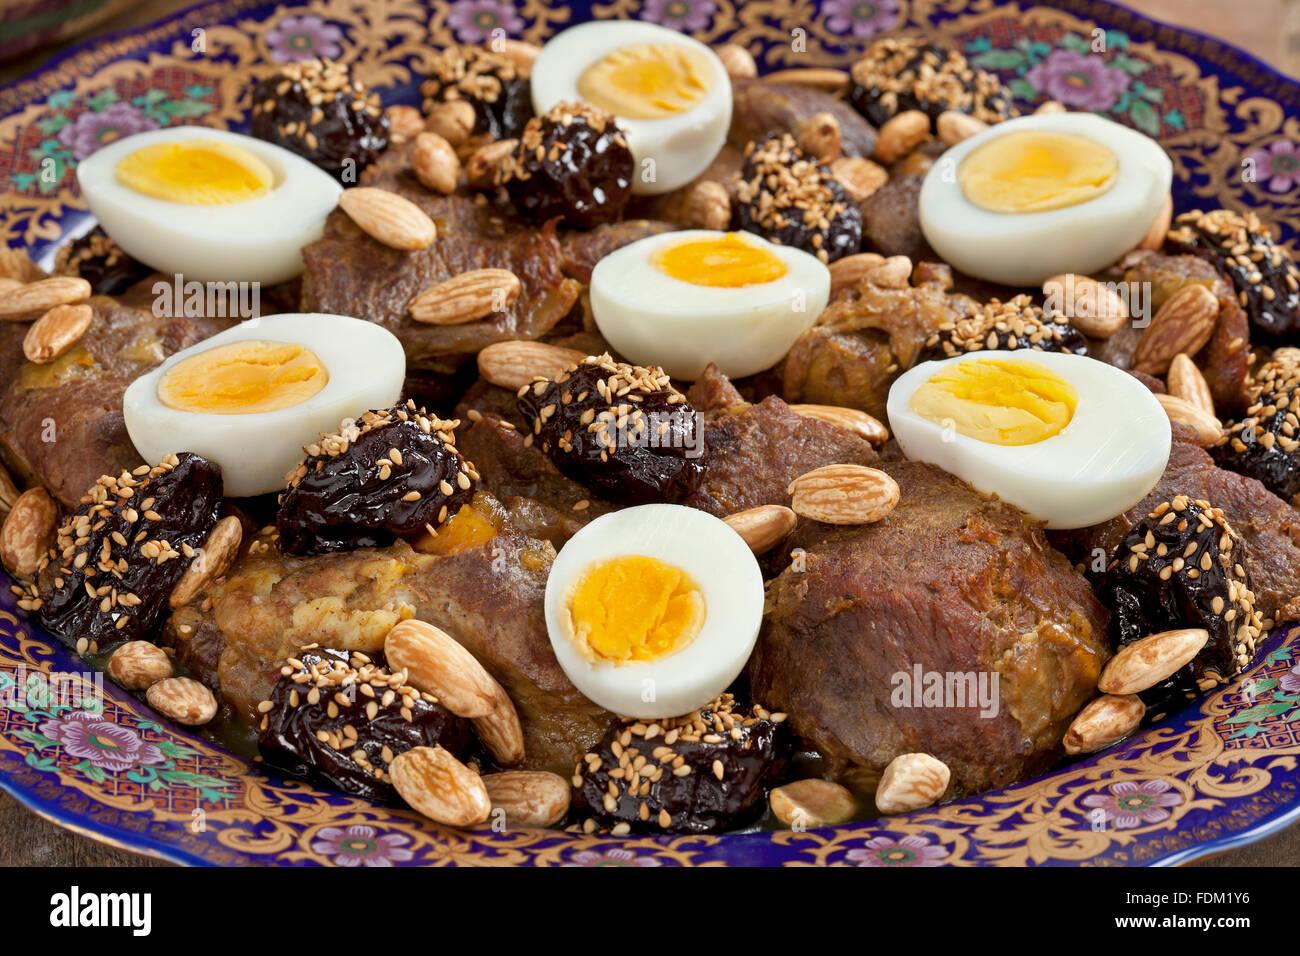 Plat de fête marocaine avec de la viande, les prunes,les amandes et les oeufs close up Photo Stock